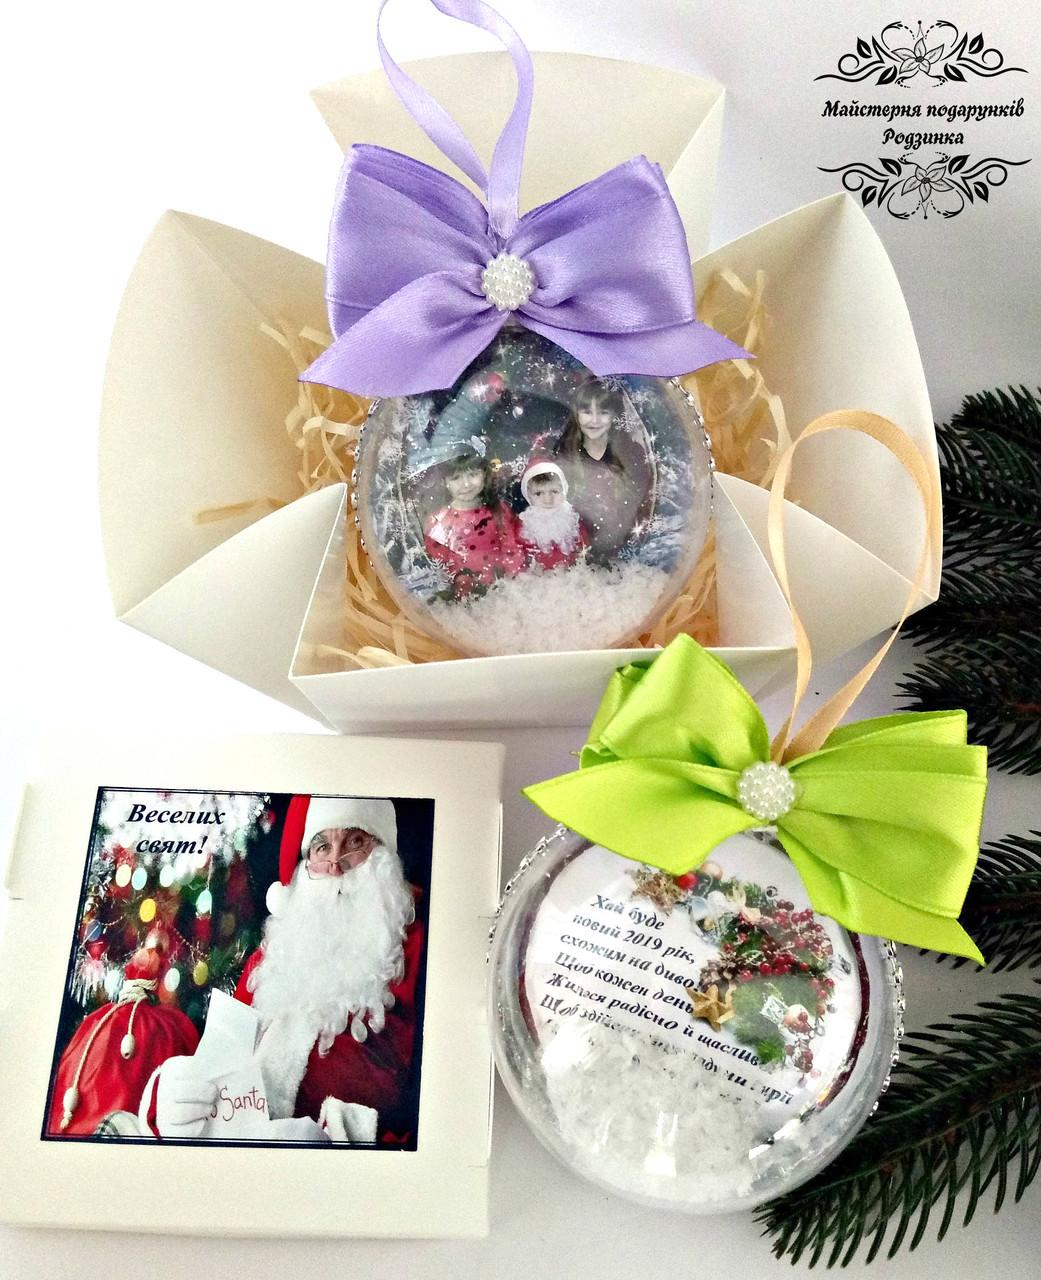 Подарункова новорічна кулька з вашим фото та коробочкою. Новорічні кульки на ялинку. Новорічні подарунки